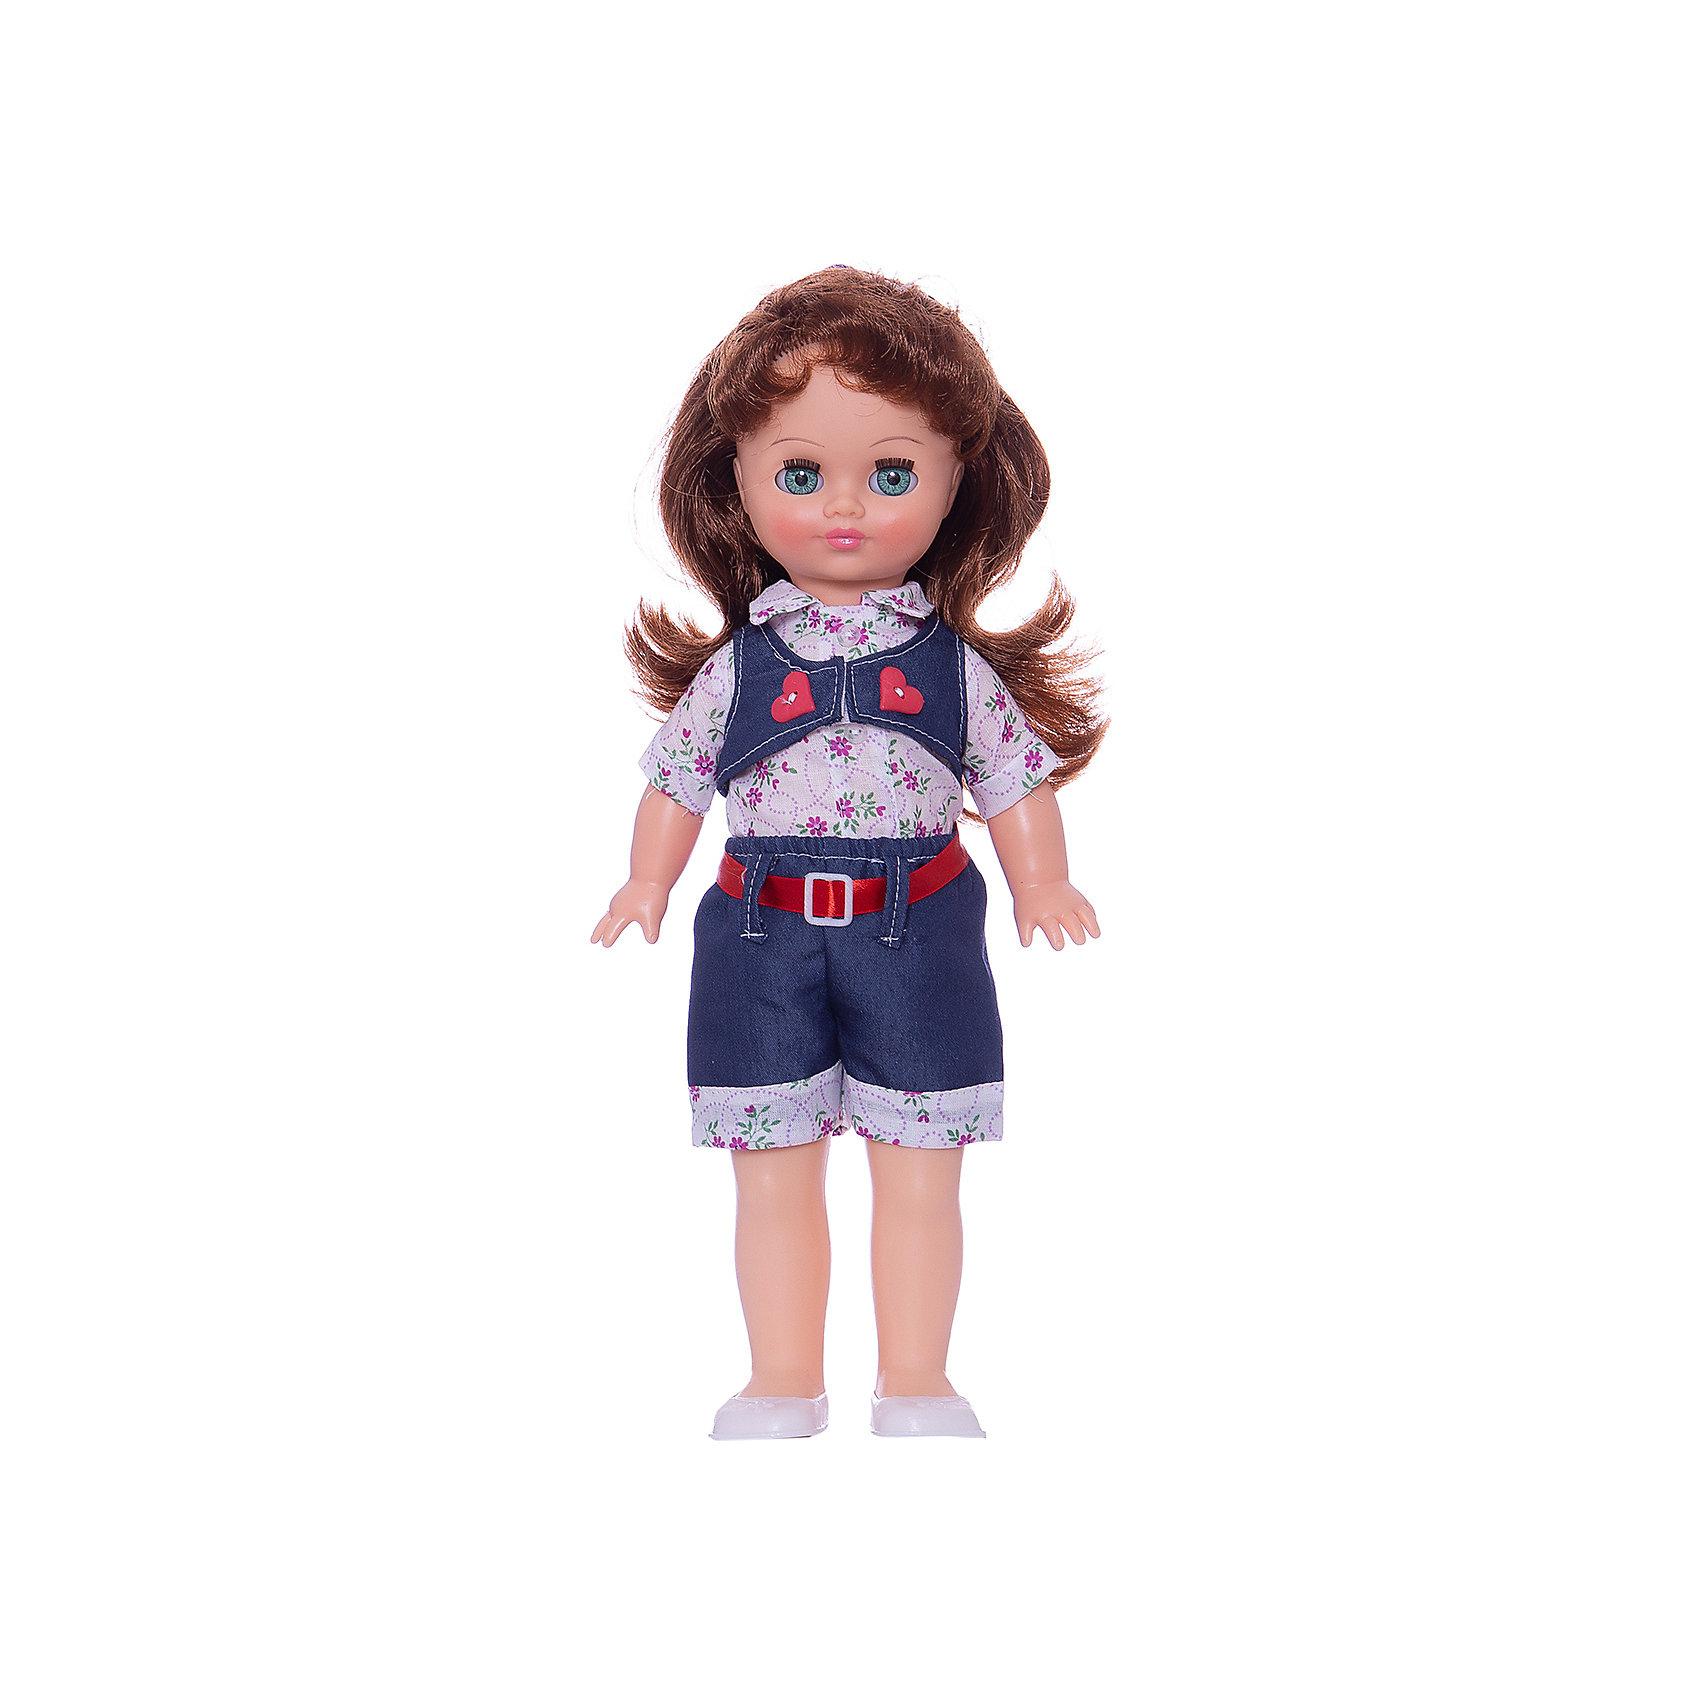 Весна Кукла Маргарита 10, со звуком, 40 см., Весна кукла весна инна в куртке со звуком 43 см